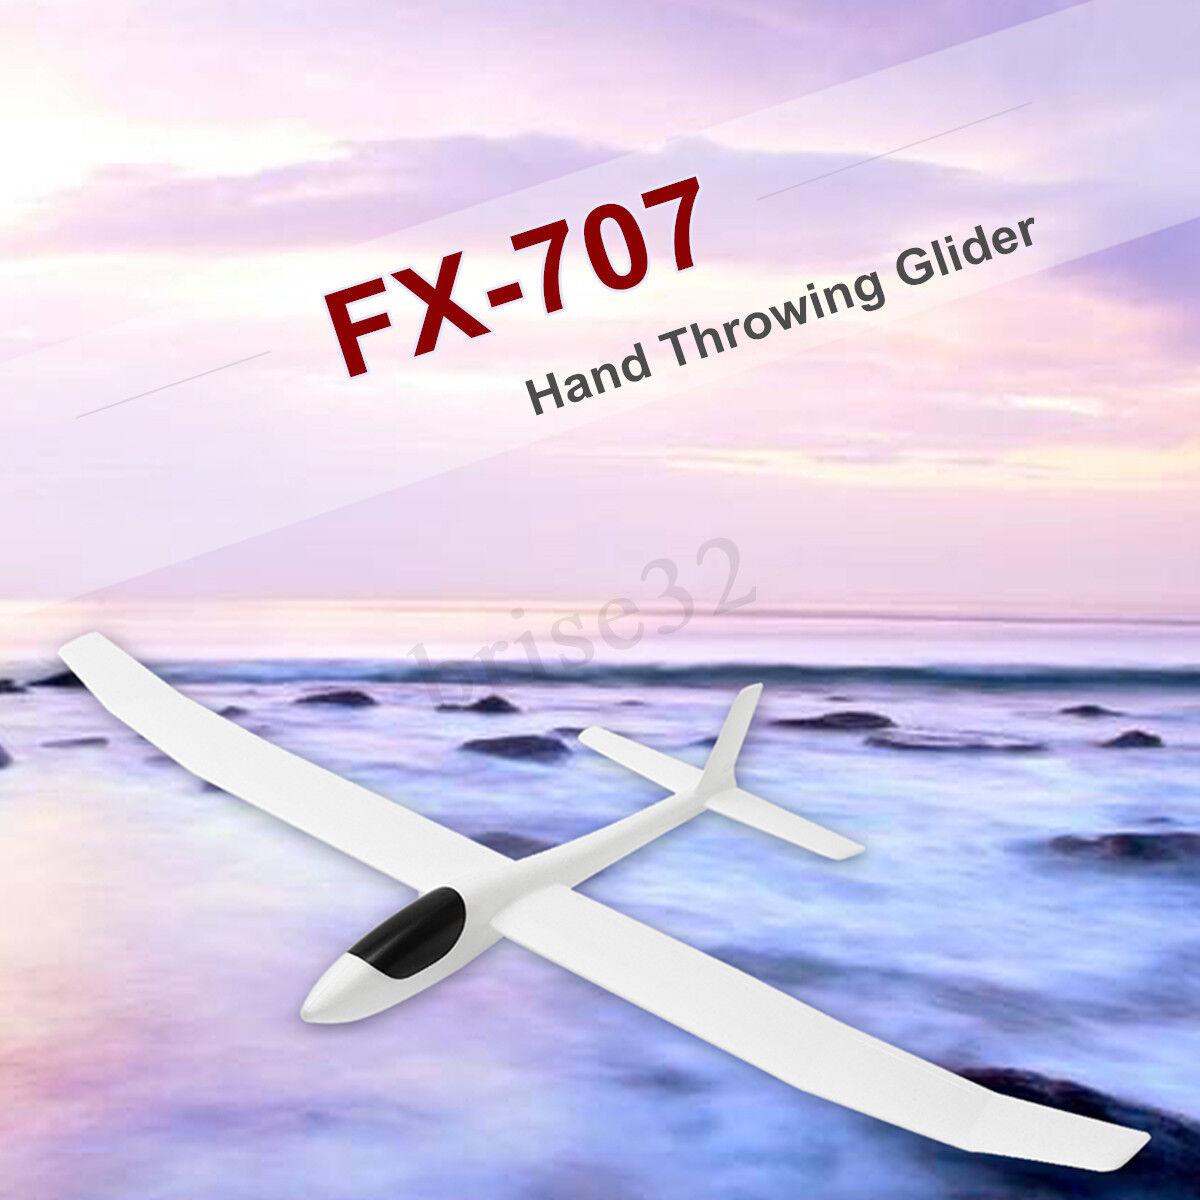 Fx-707 1200mm spannweite hand werfen gleiter diy - flugzeug - modell.